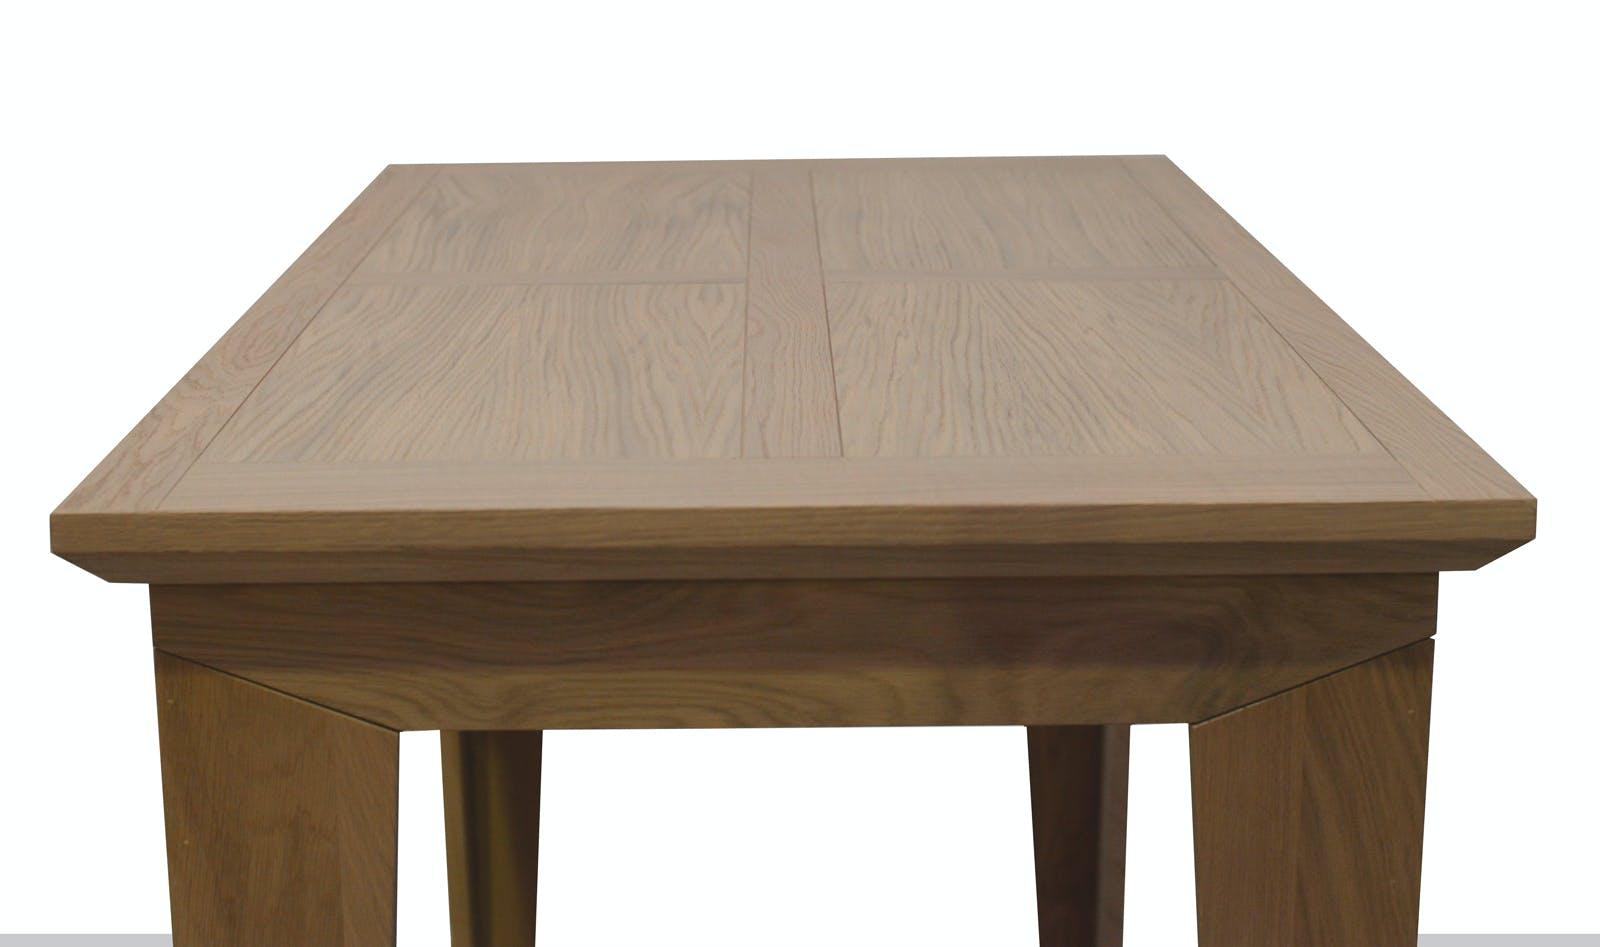 Table mange debout chic chêne finition amande naturelle pieds en équerre 120x70x105cm MANOIR